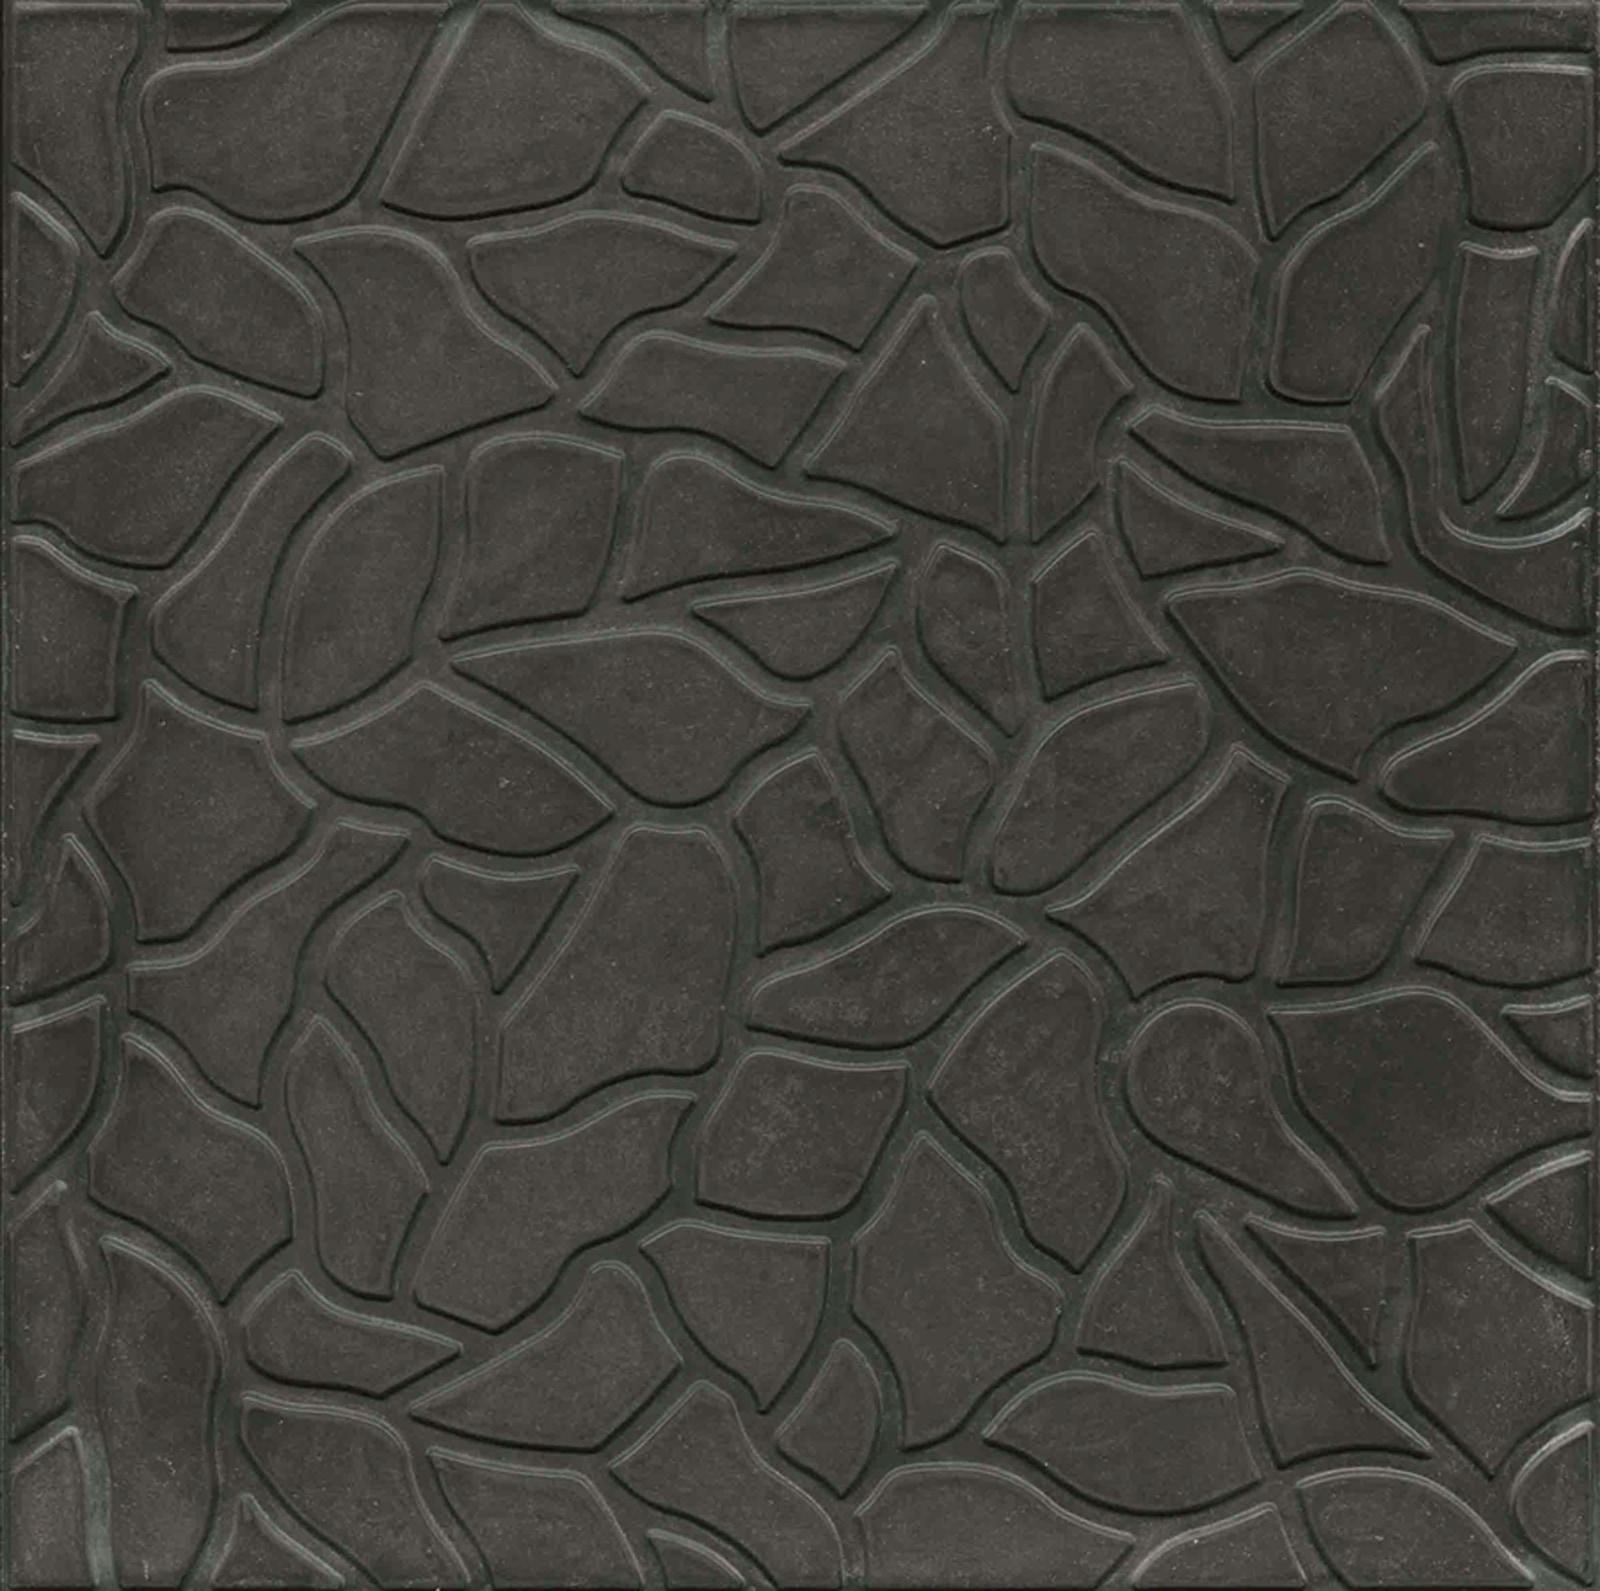 VIA_zementmosaikplatten-nummer-40660